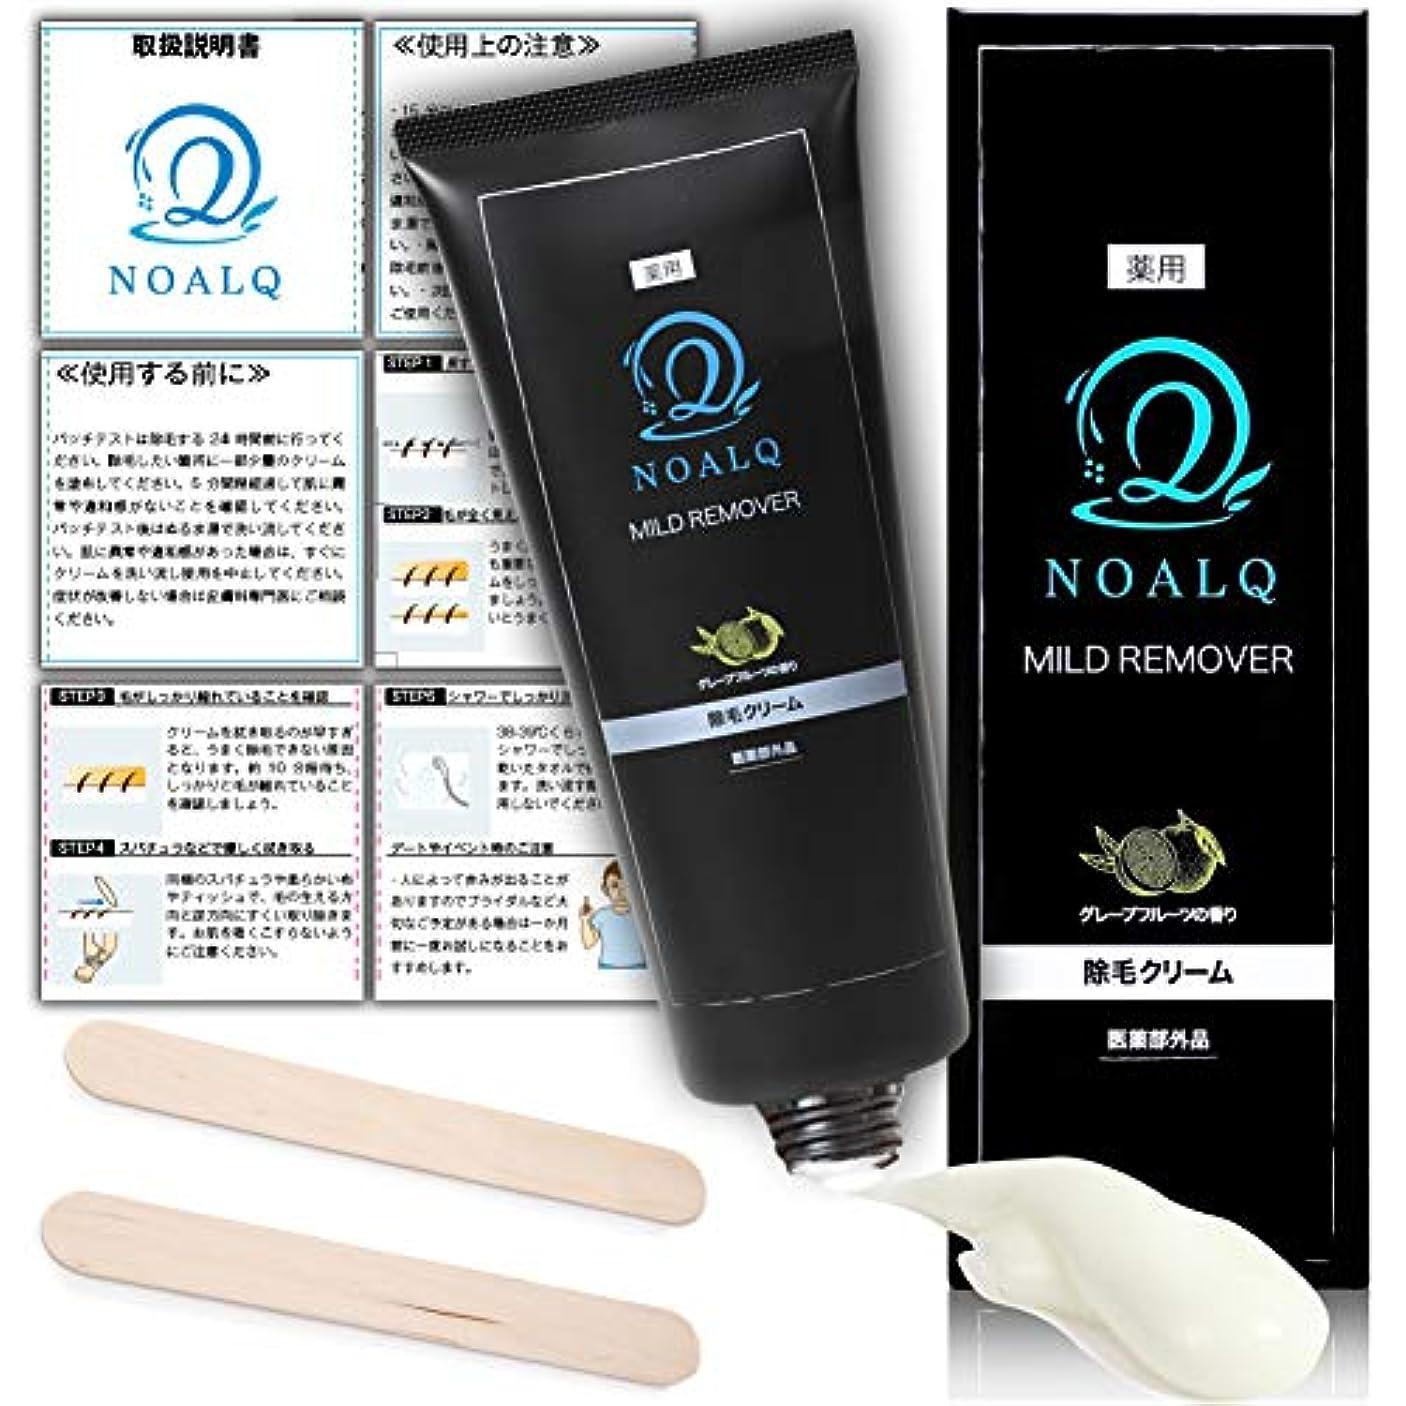 エンドウ深く除外するNOALQ(ノアルク) 除毛クリーム 薬用リムーバークリーム 超大容量220g メンズ [陰部/VIO/アンダーヘア/ボディ用] 日本製 グレープフルーツフレーバータイプ